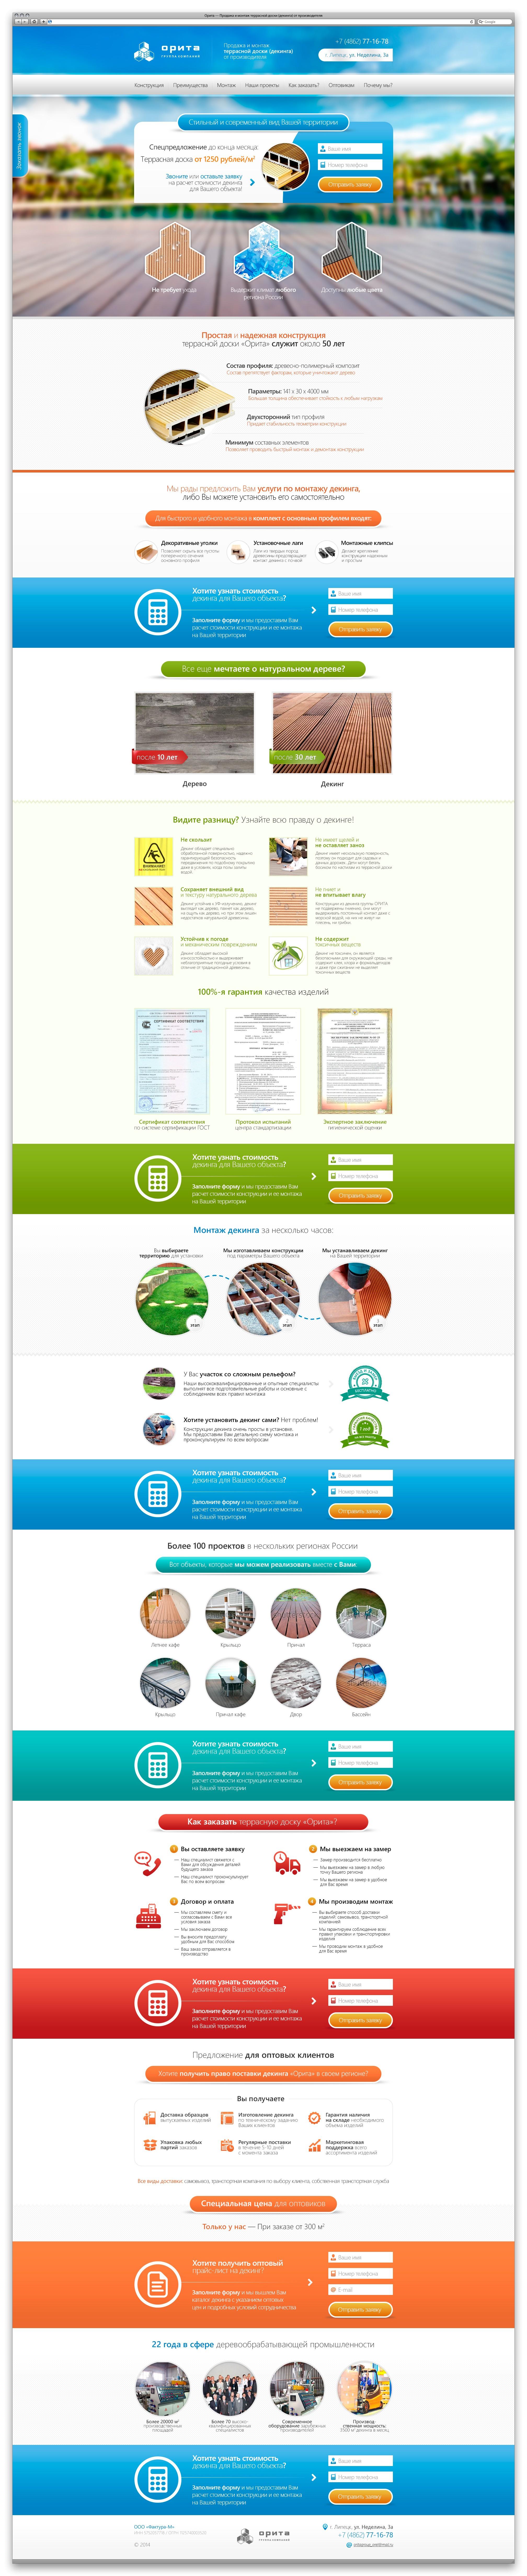 Дизайн посадочной страницы (landing page) для Группы компаний «Орита». Продажа и монтаж террасной доски.